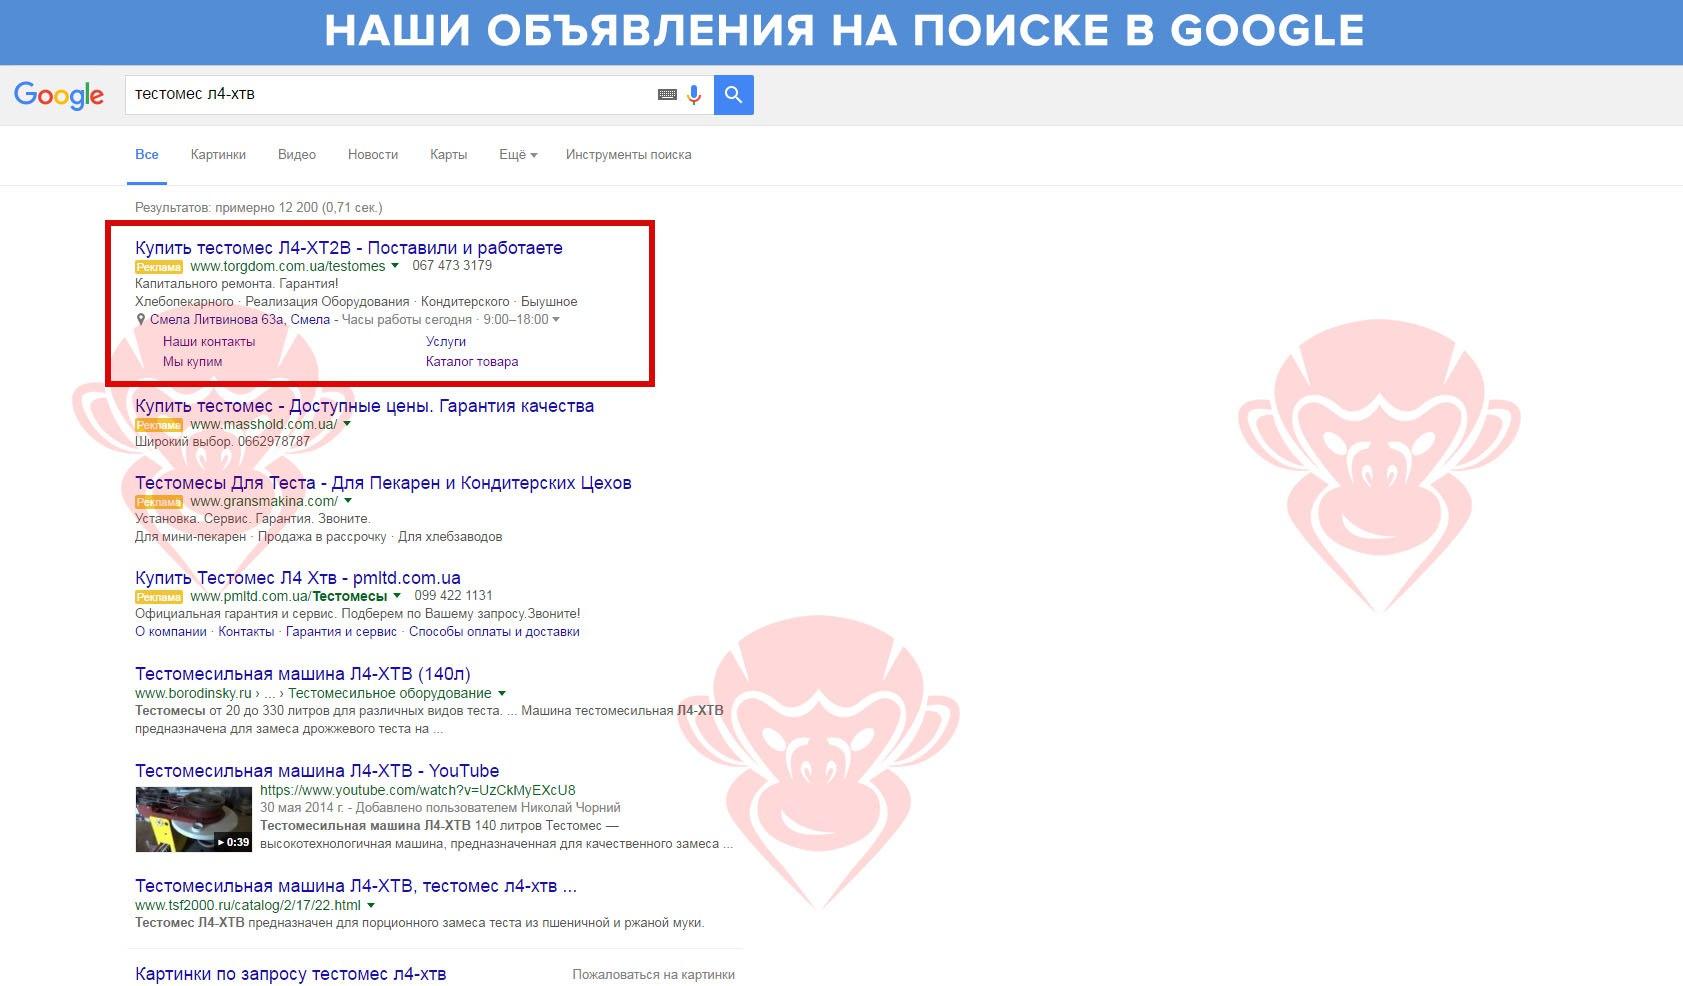 Объявления на поиске Google